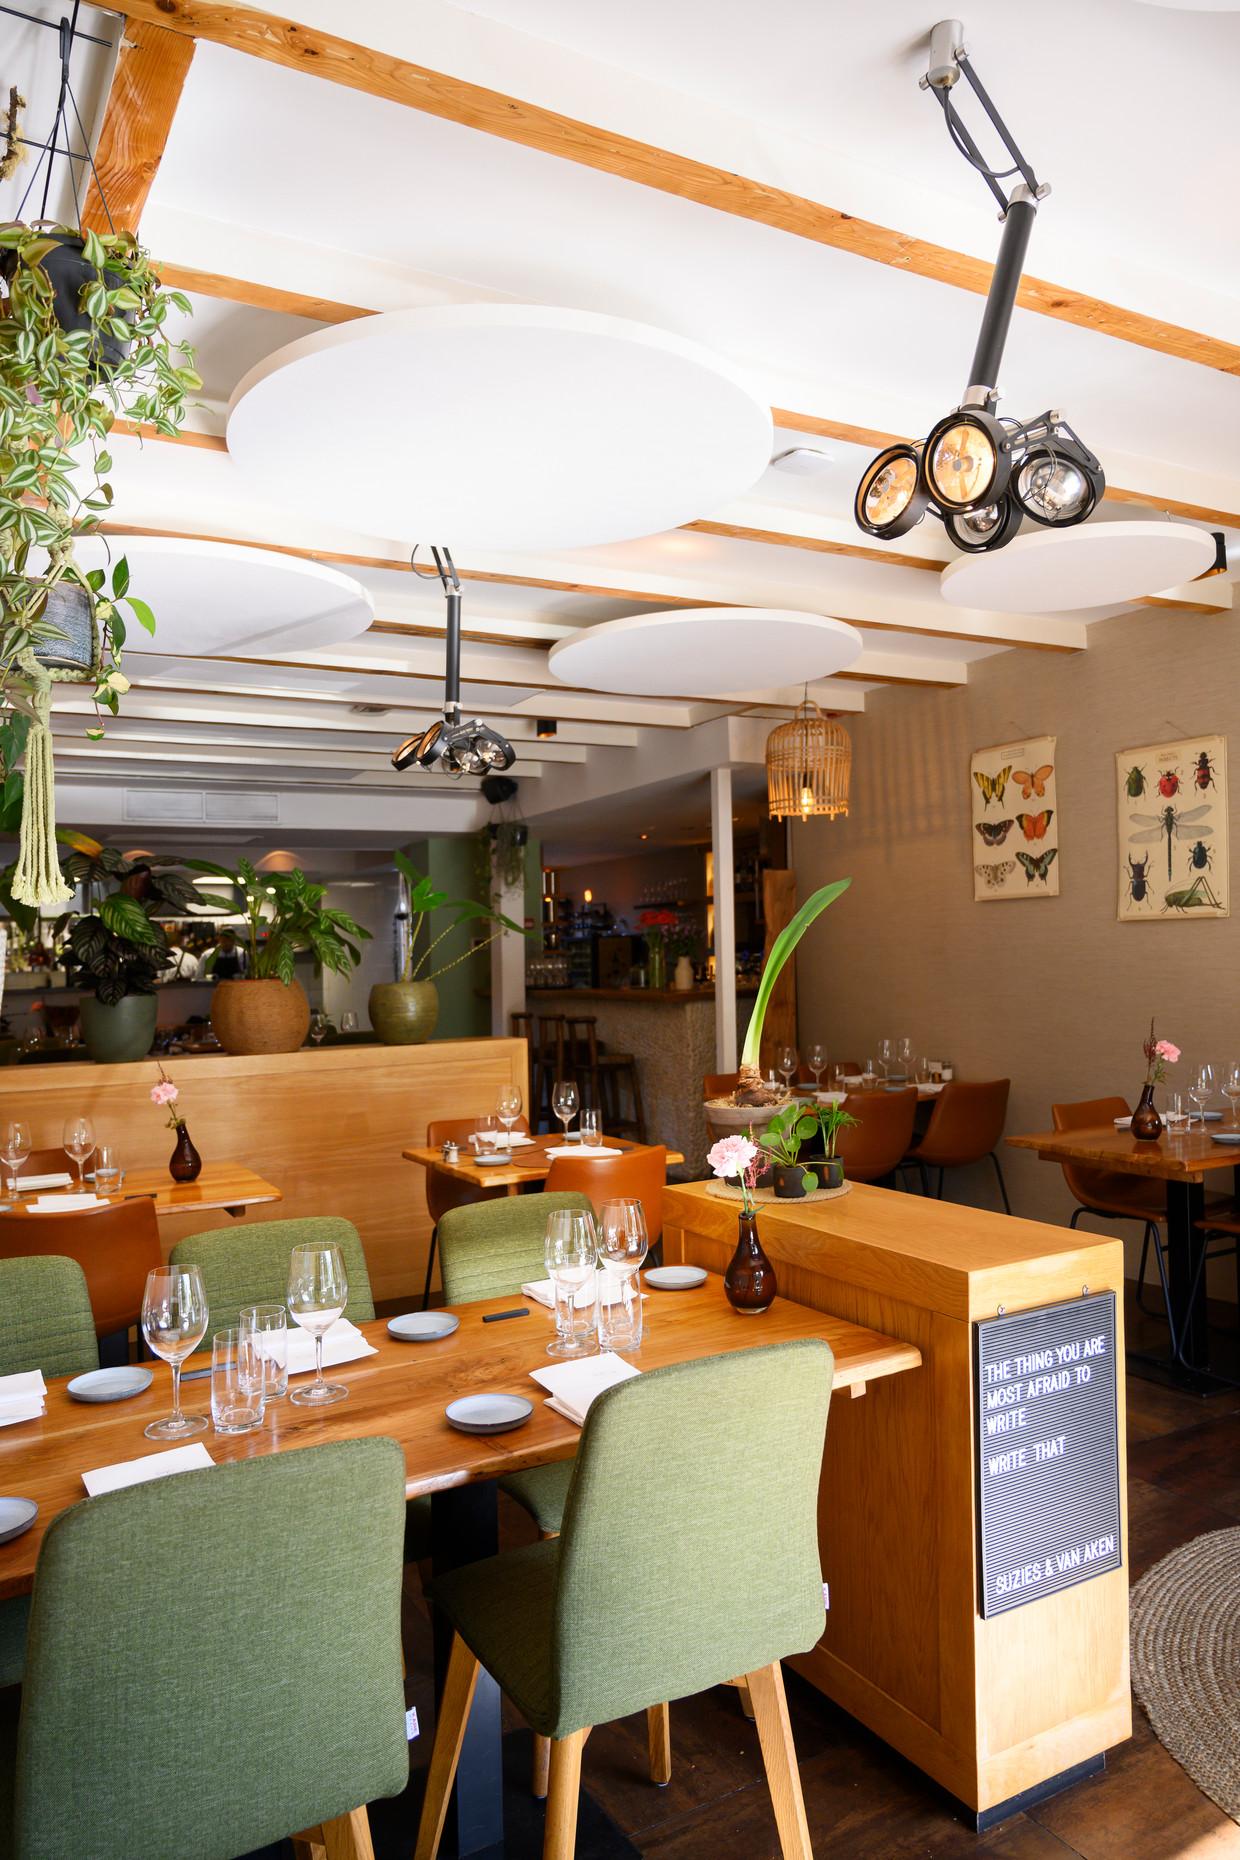 Restaurant Suzie's & van Aken in Oegstgeest Beeld Els Zweerink